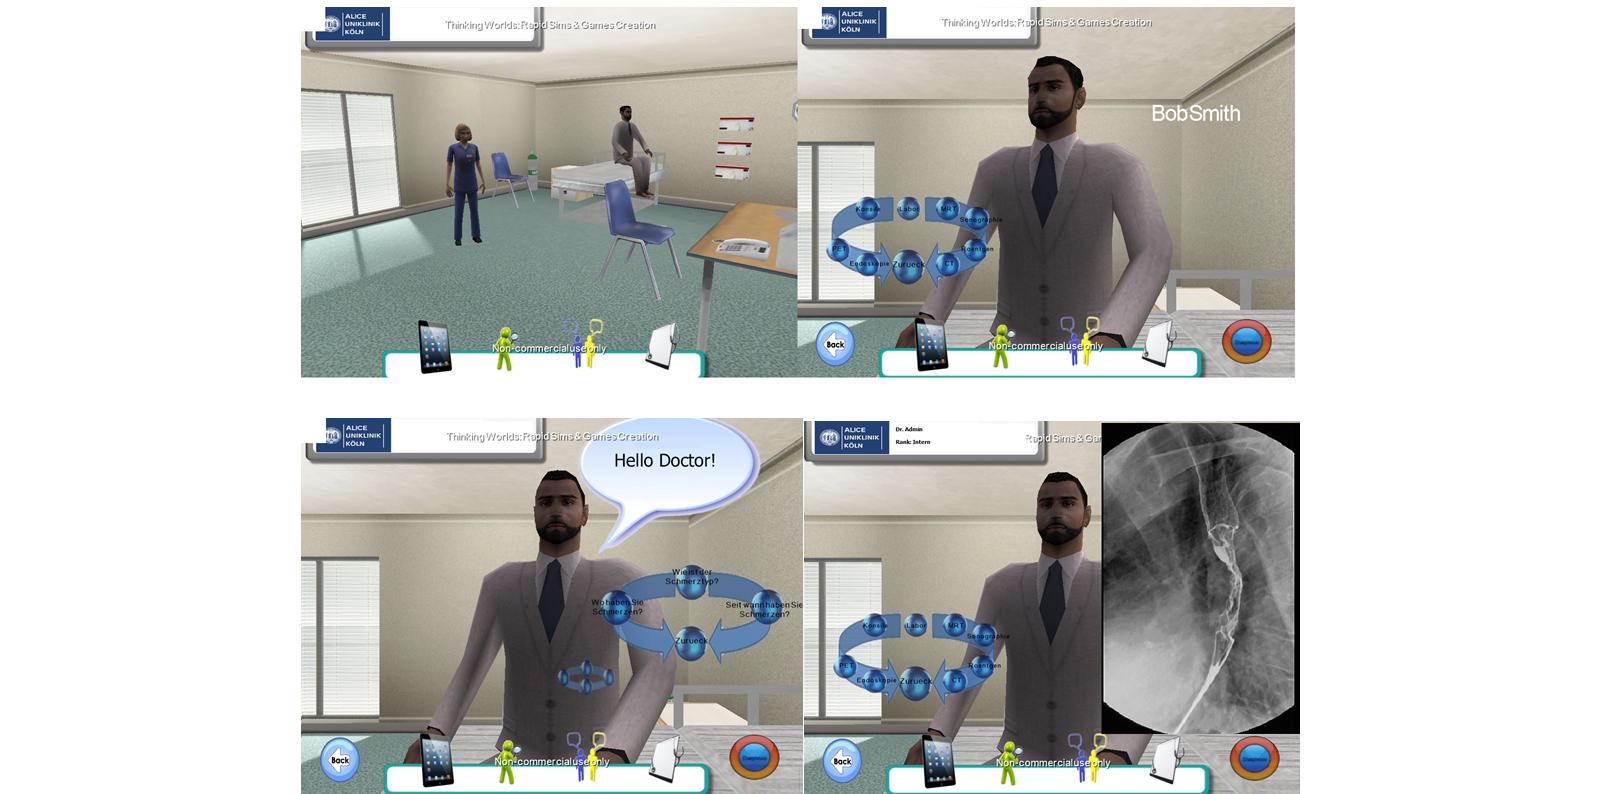 JMIR - Web-Based Immersive Virtual Patient Simulators